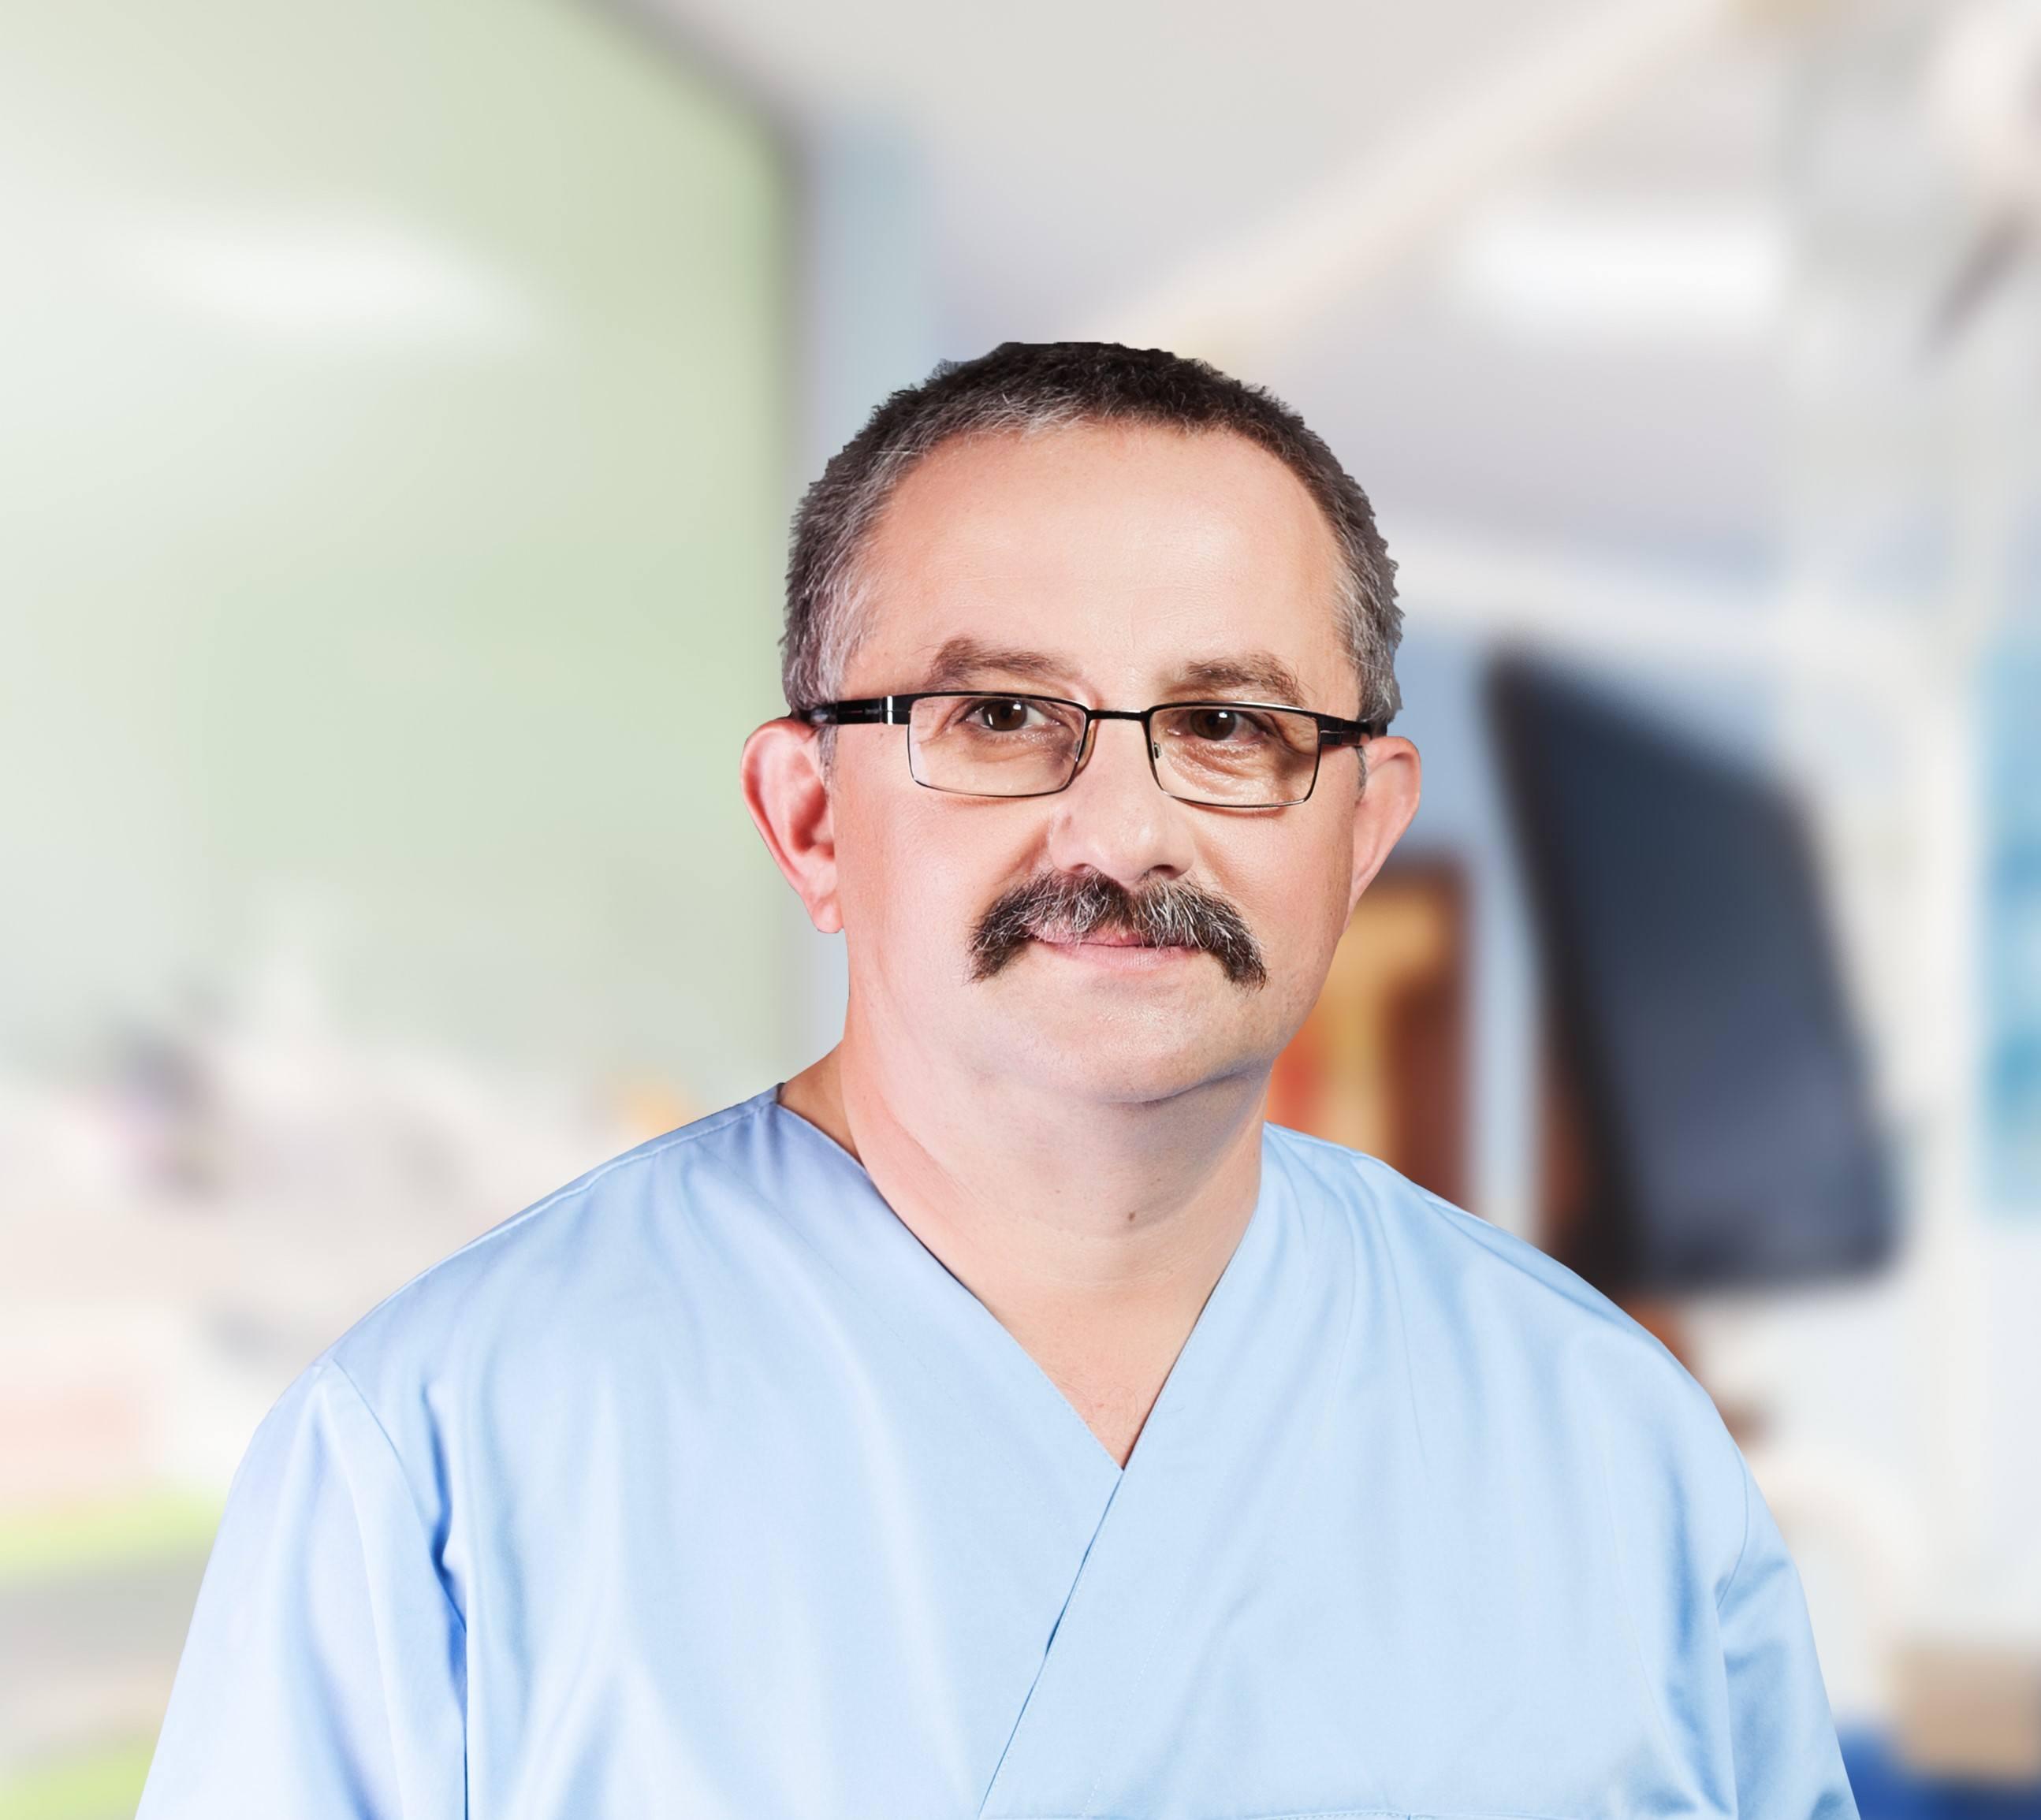 Tomasz Muszynski Anesthesiologist